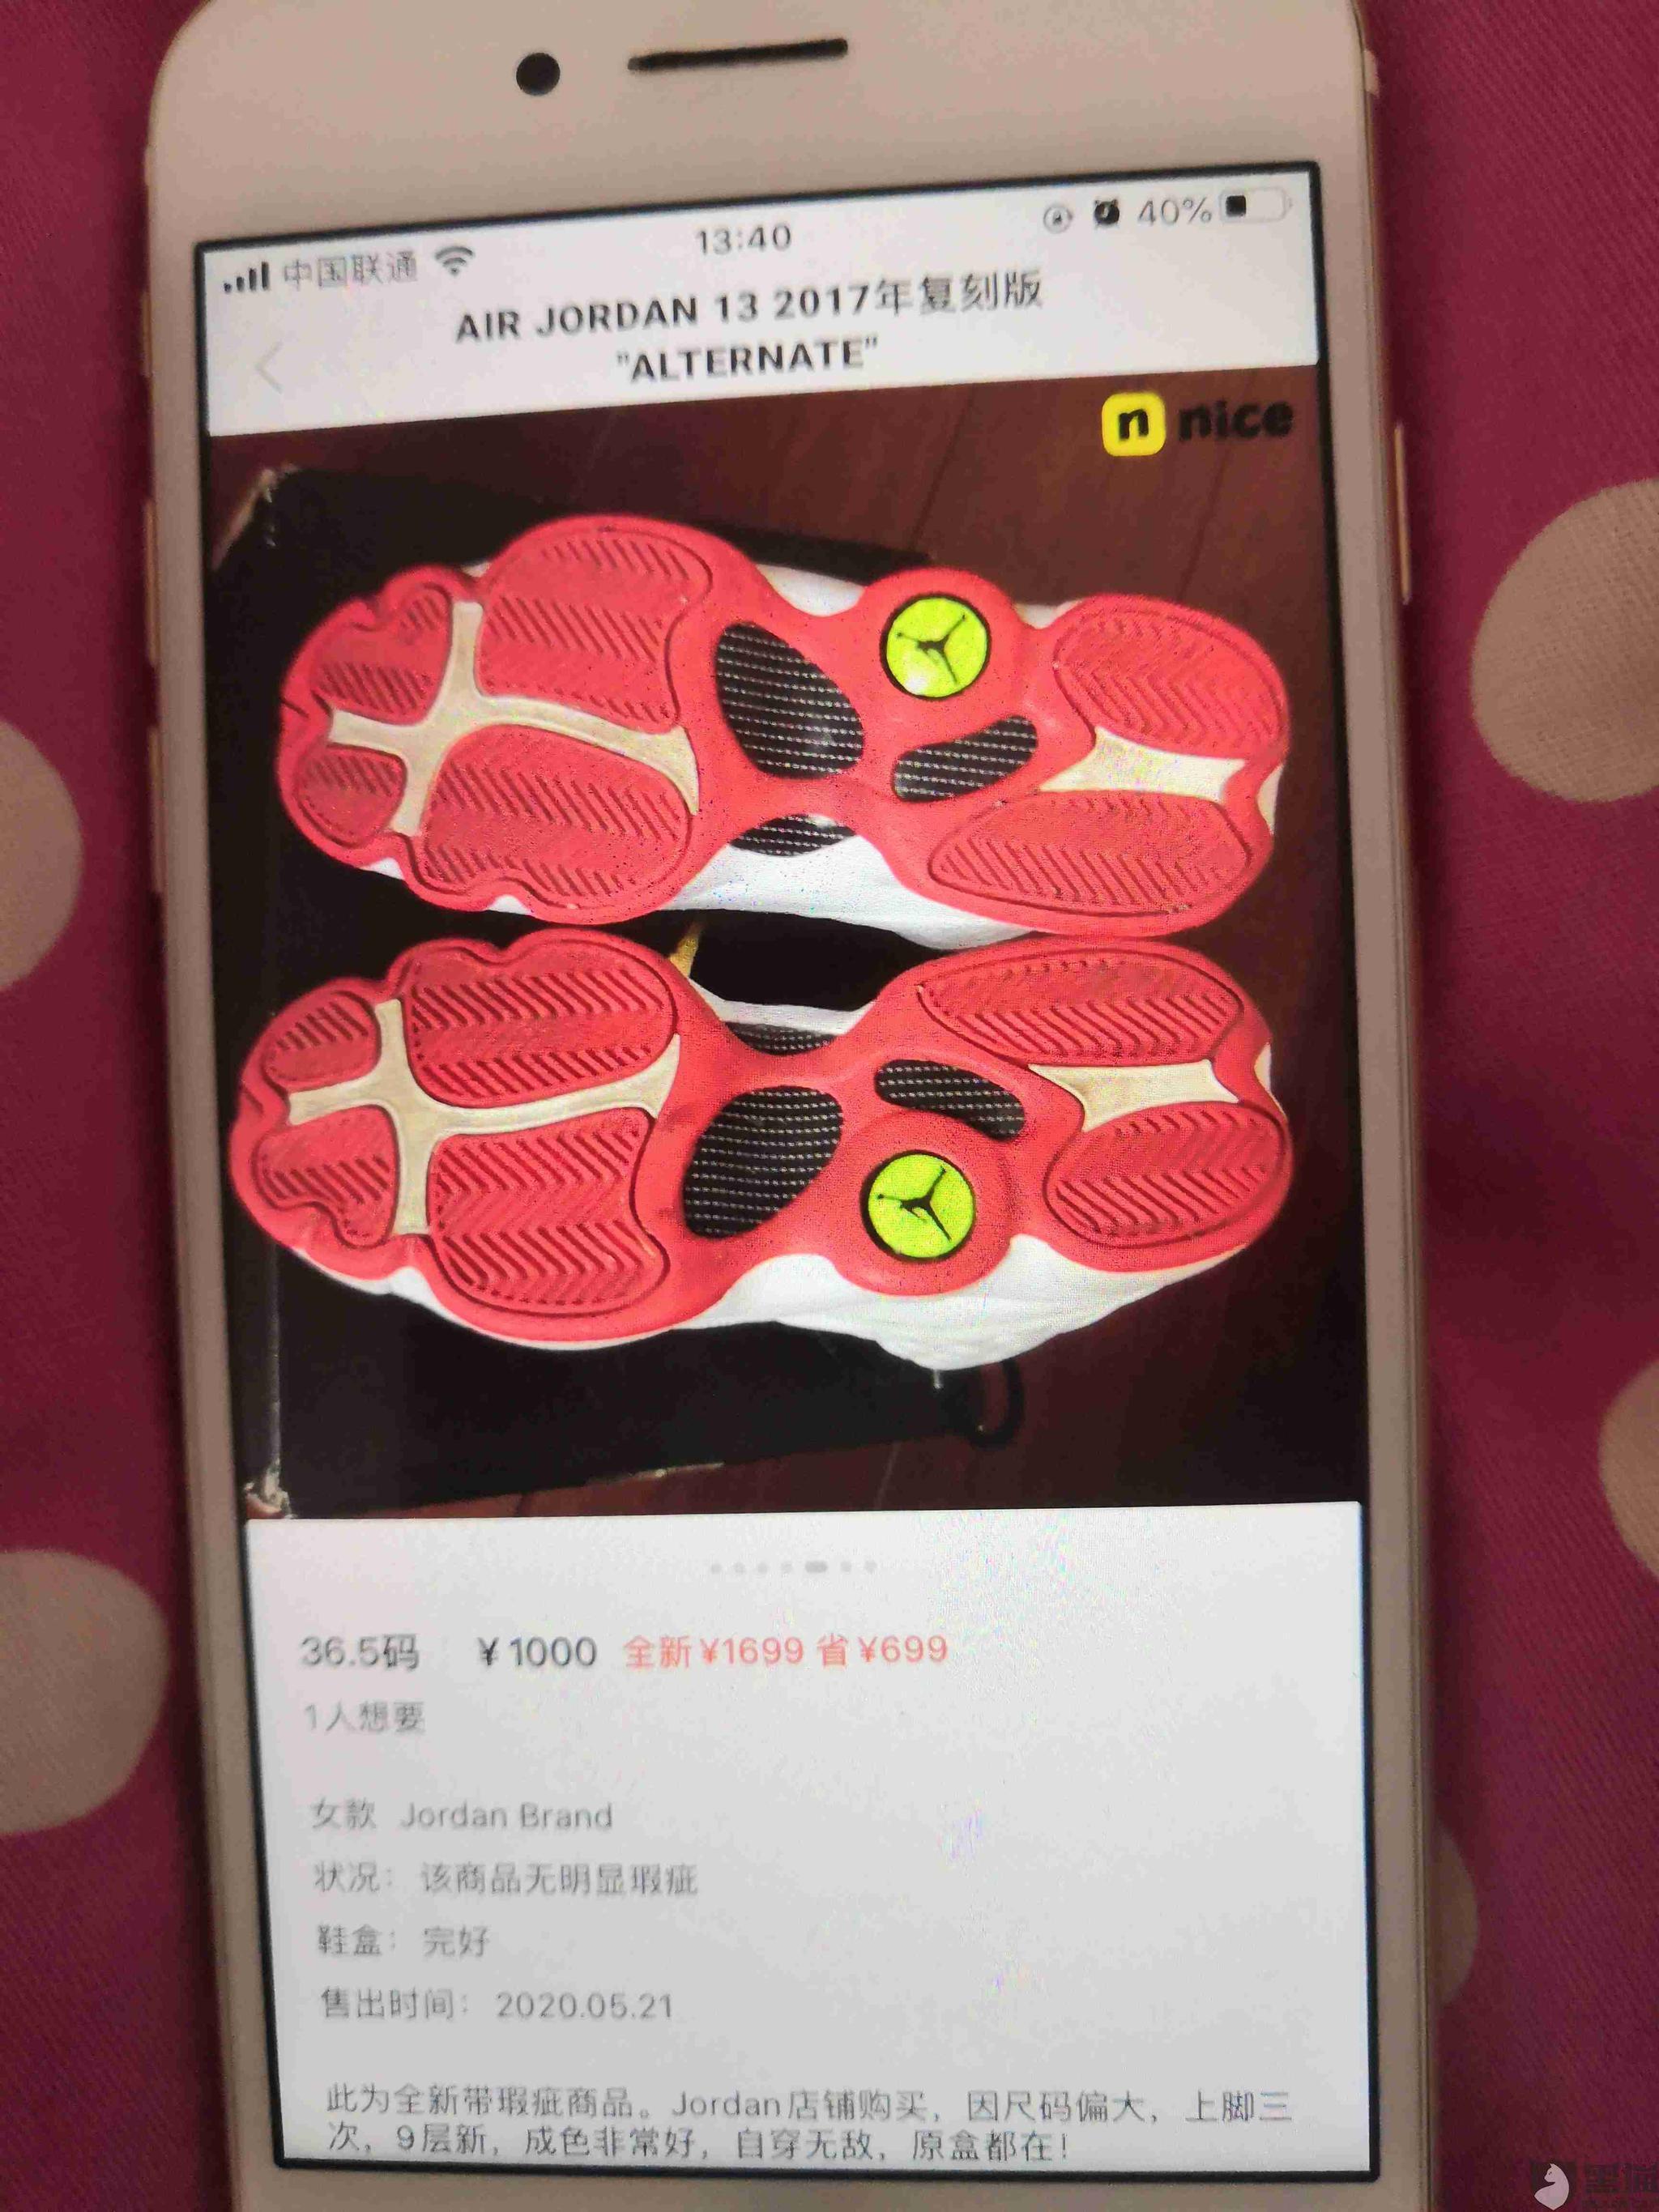 黑猫投诉:nice平台出售女码36.5AJ13二手鞋款恶意扣除质保金